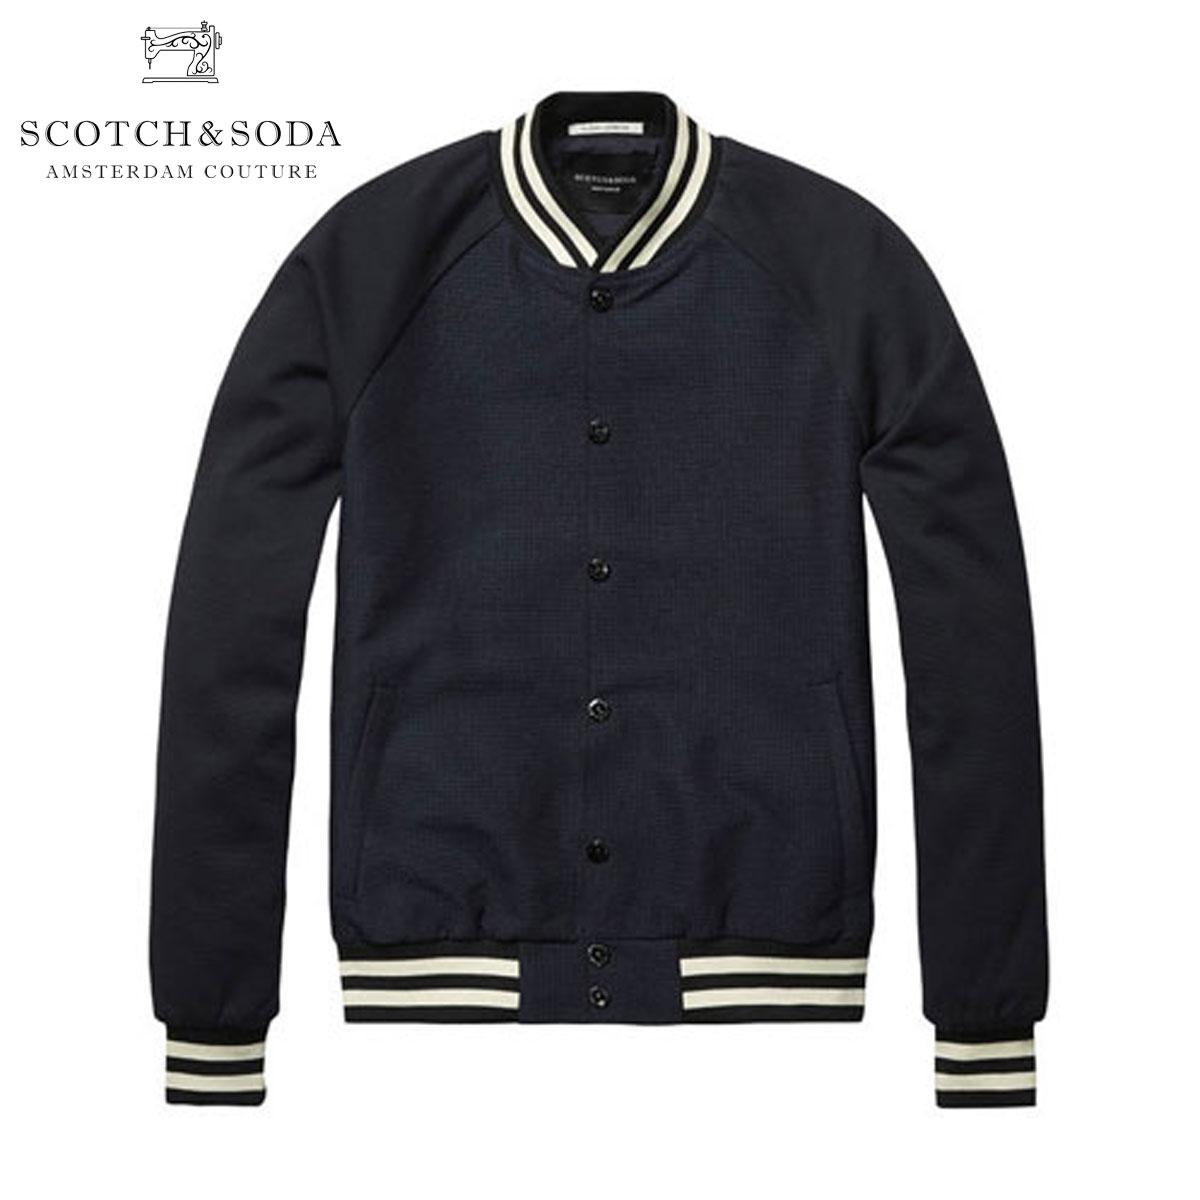 【販売期間 4/2 10:00~4/8 09:59】 スコッチアンドソーダ SCOTCH&SODA 正規販売店 メンズ アウタージャケット Woven bomber jacket with striped ribs 10002 A D15S25